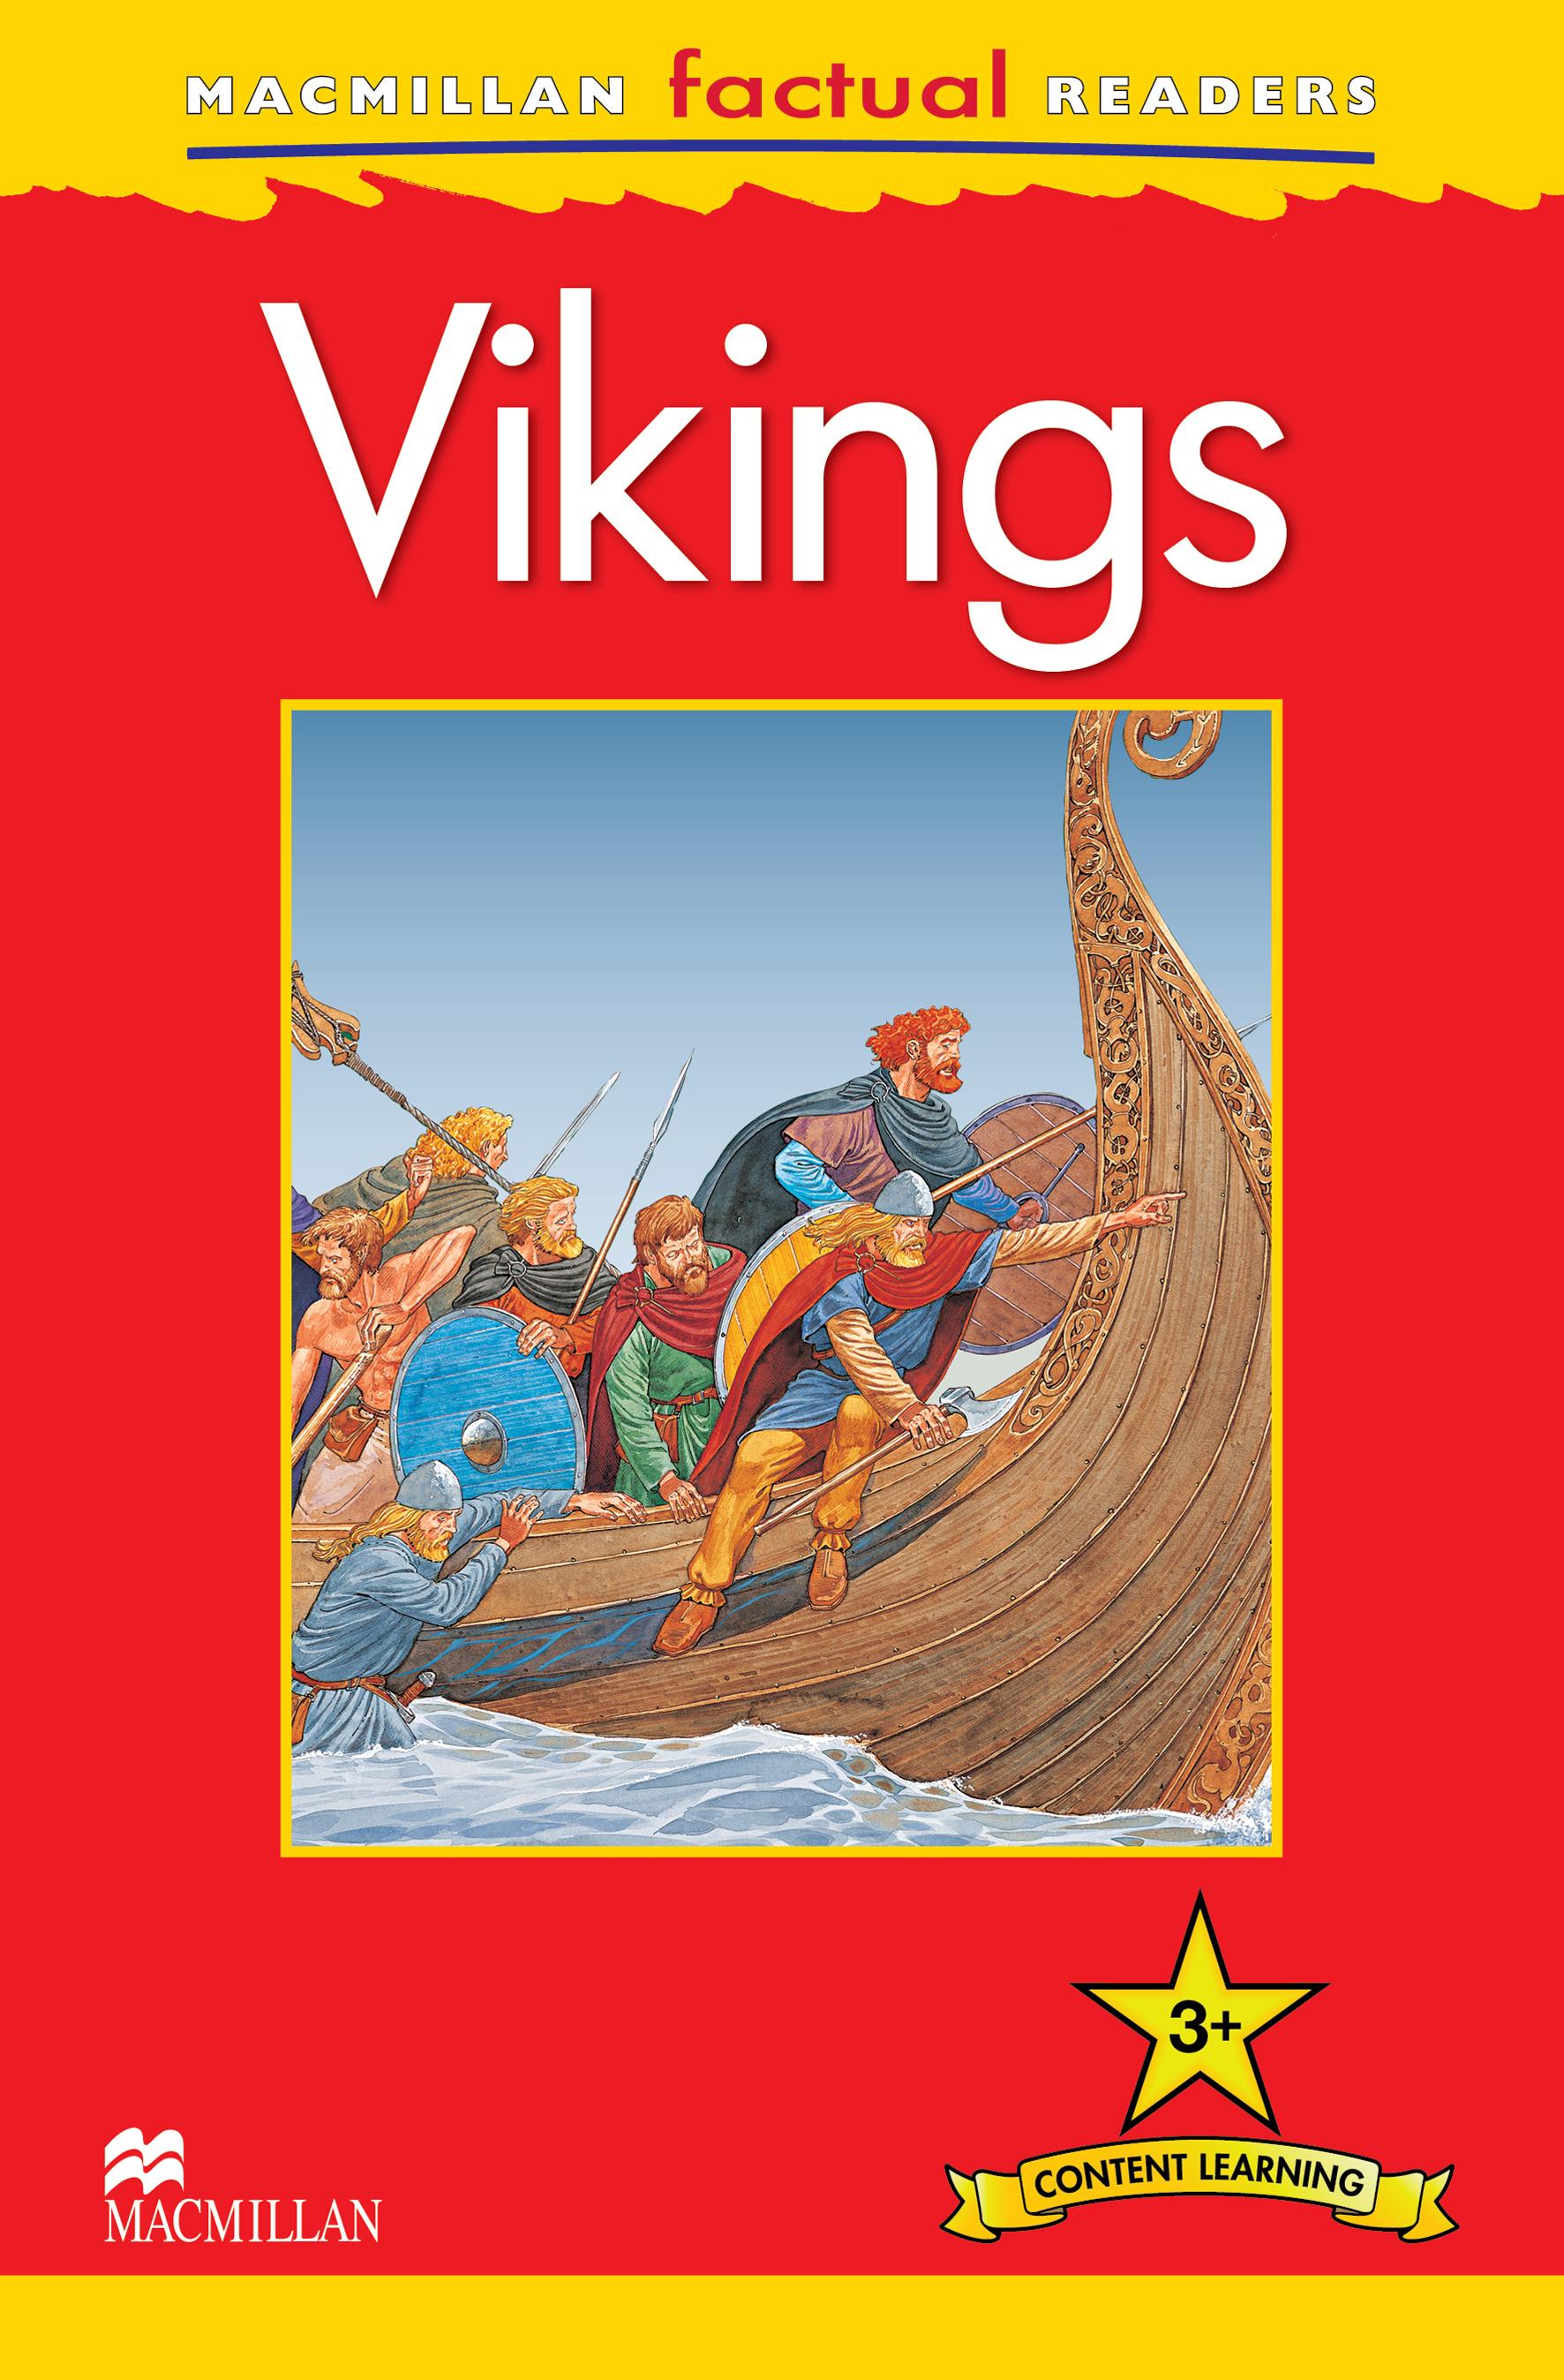 Macmillan Factual Readers: Vikings